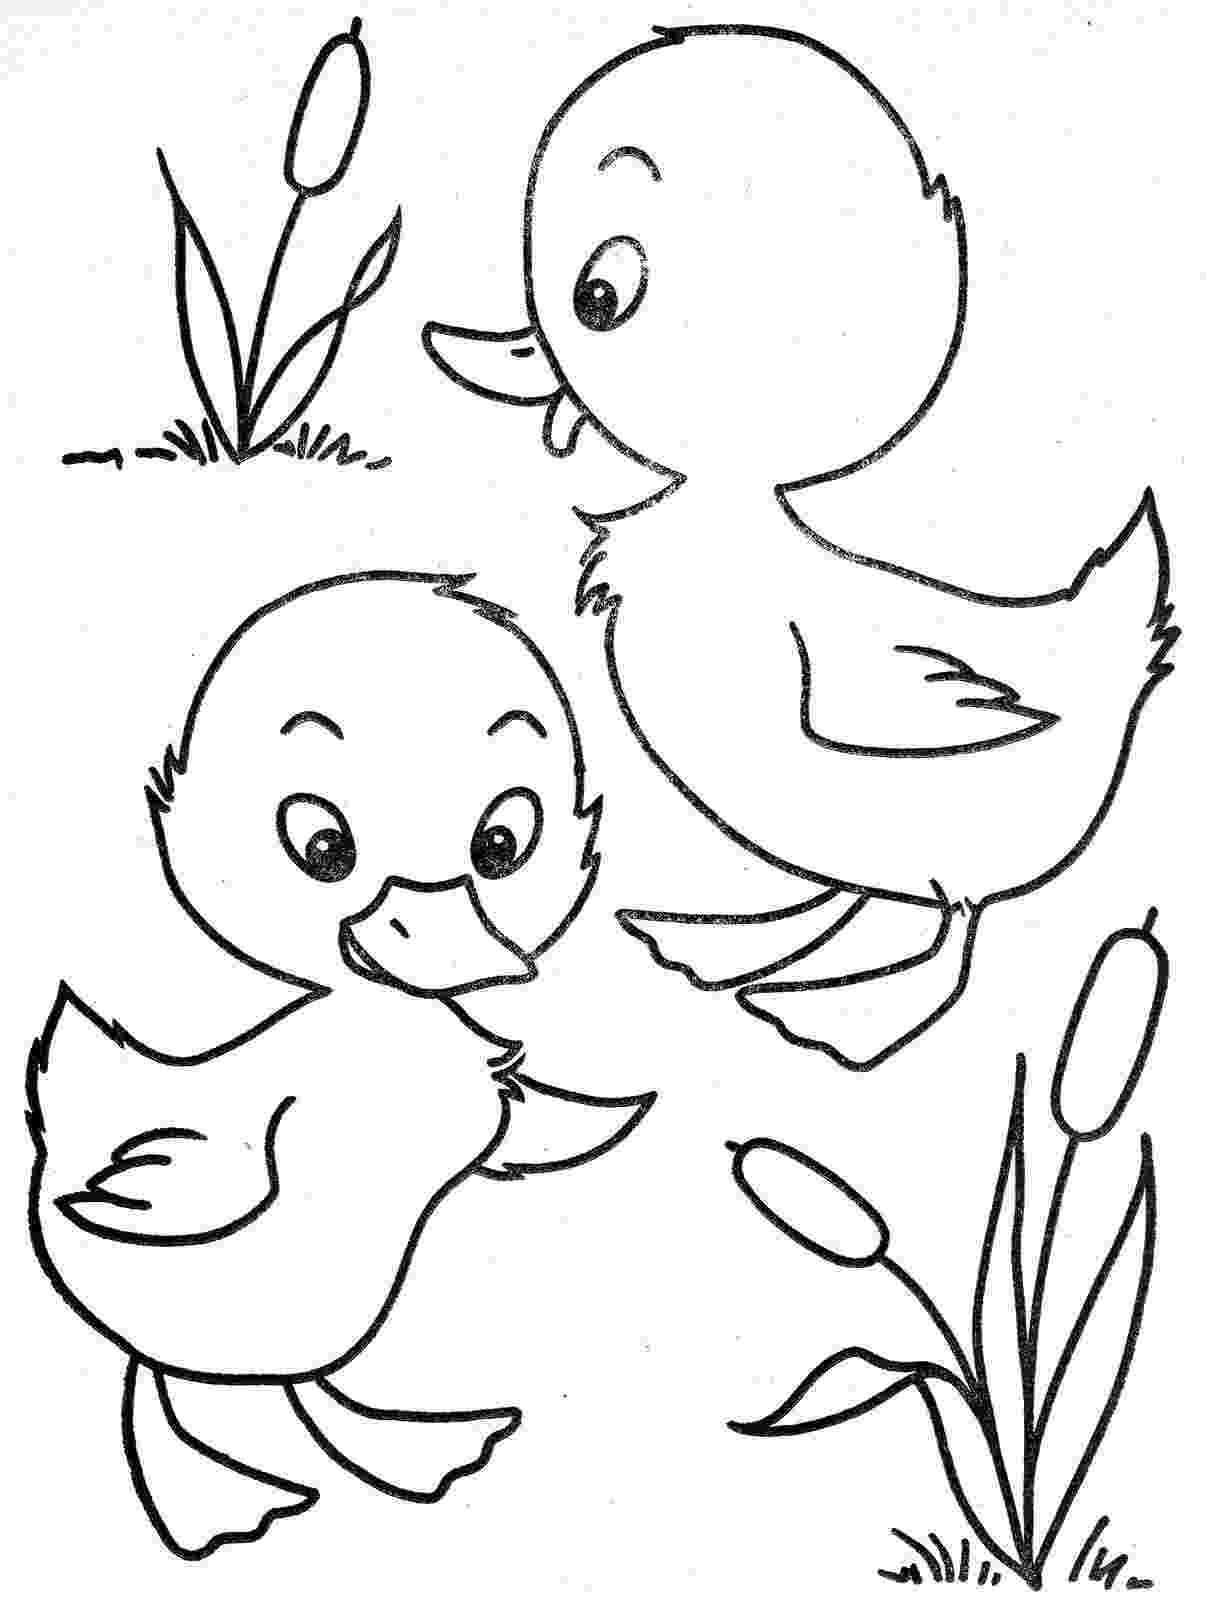 fotos de patos para colorear dibujo para colorear pato img 17777 de para colorear fotos patos